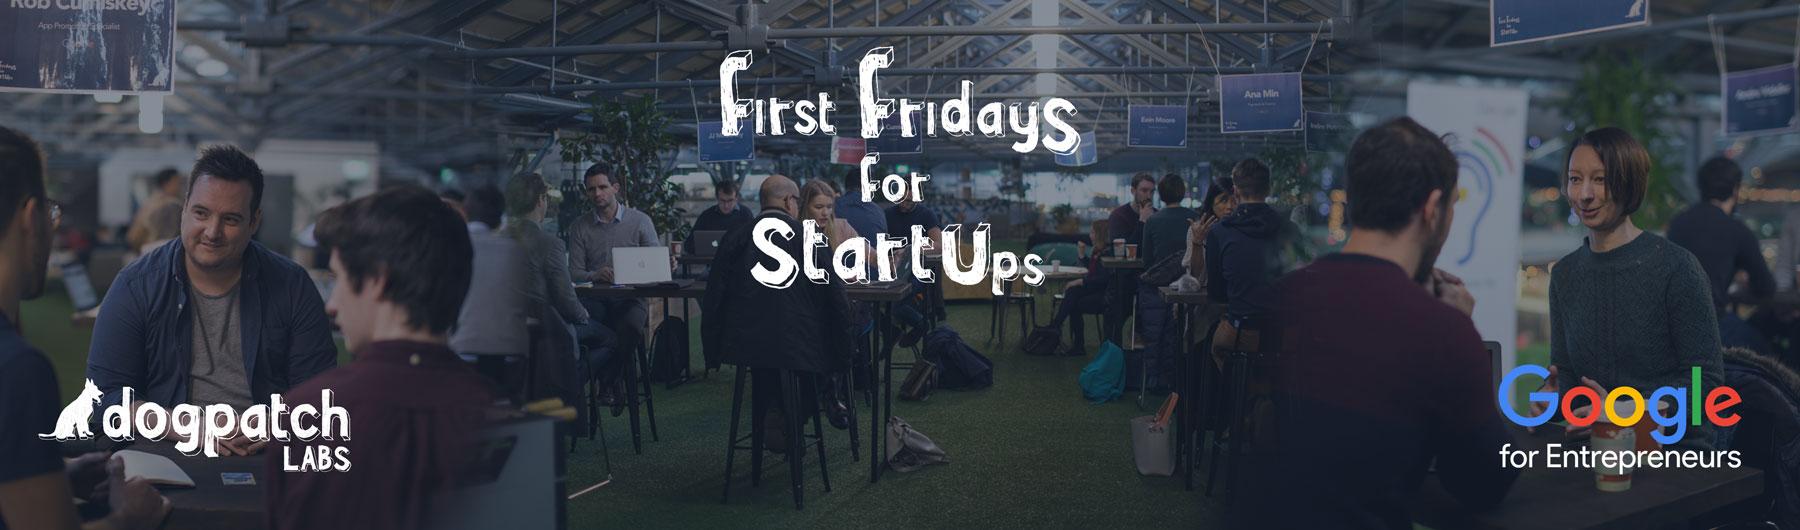 First Fridays for Startups - Lightning Talks - 5th May 2017